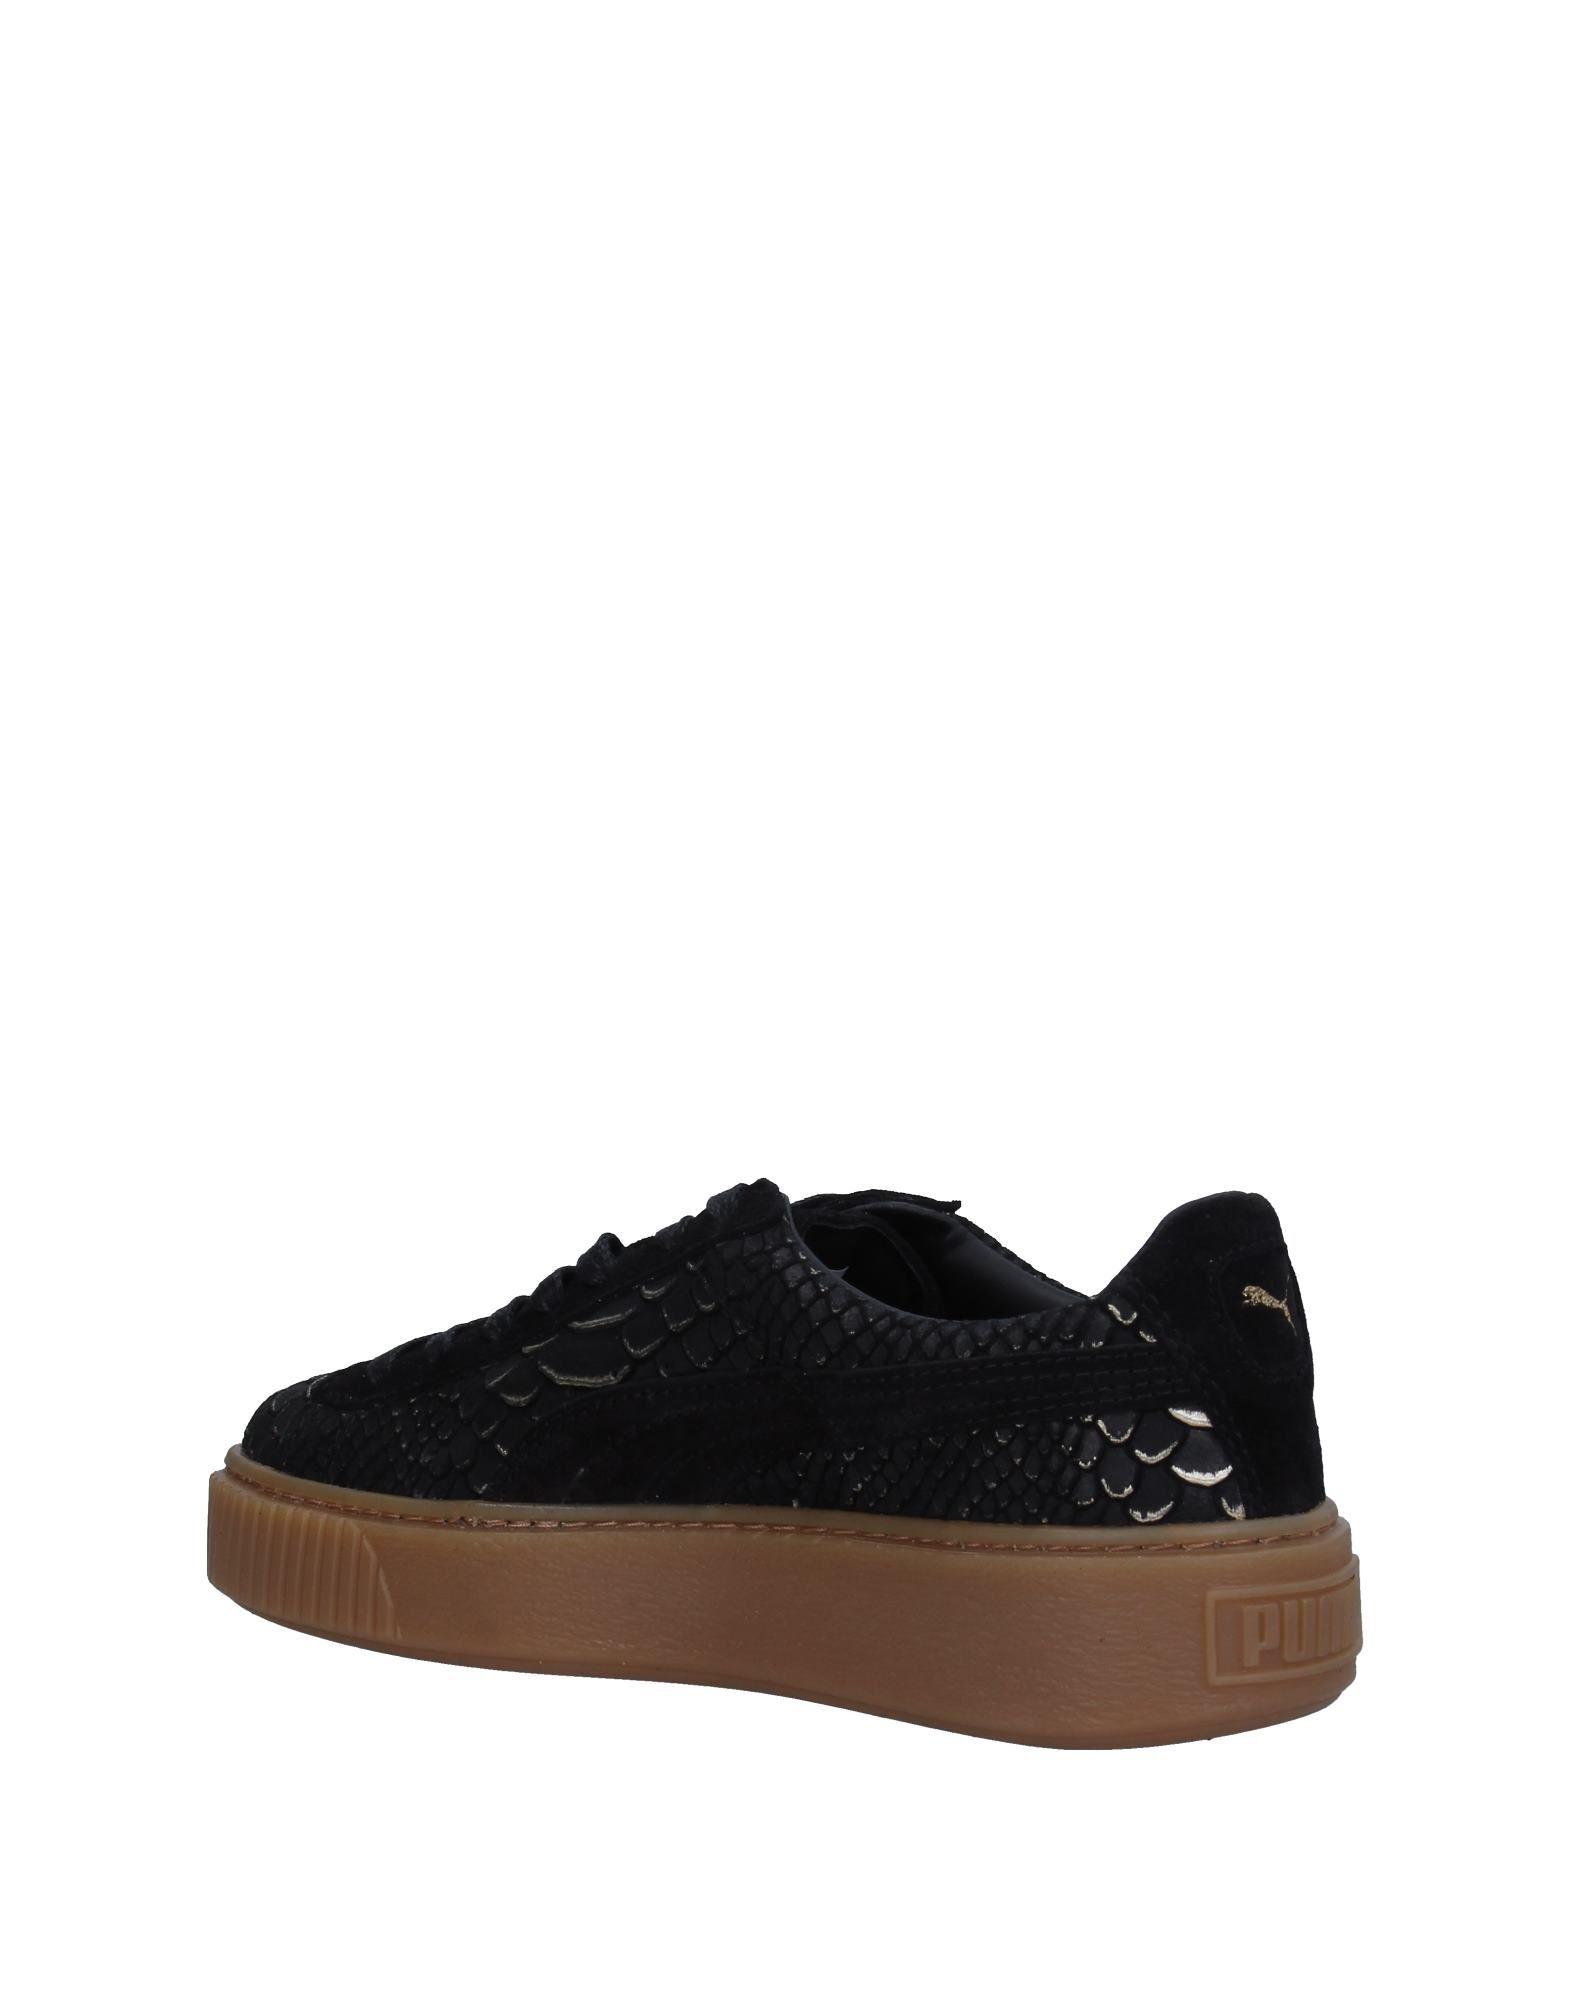 Puma Sneakers Damen  11326451PB 11326451PB 11326451PB Gute Qualität beliebte Schuhe de2b25